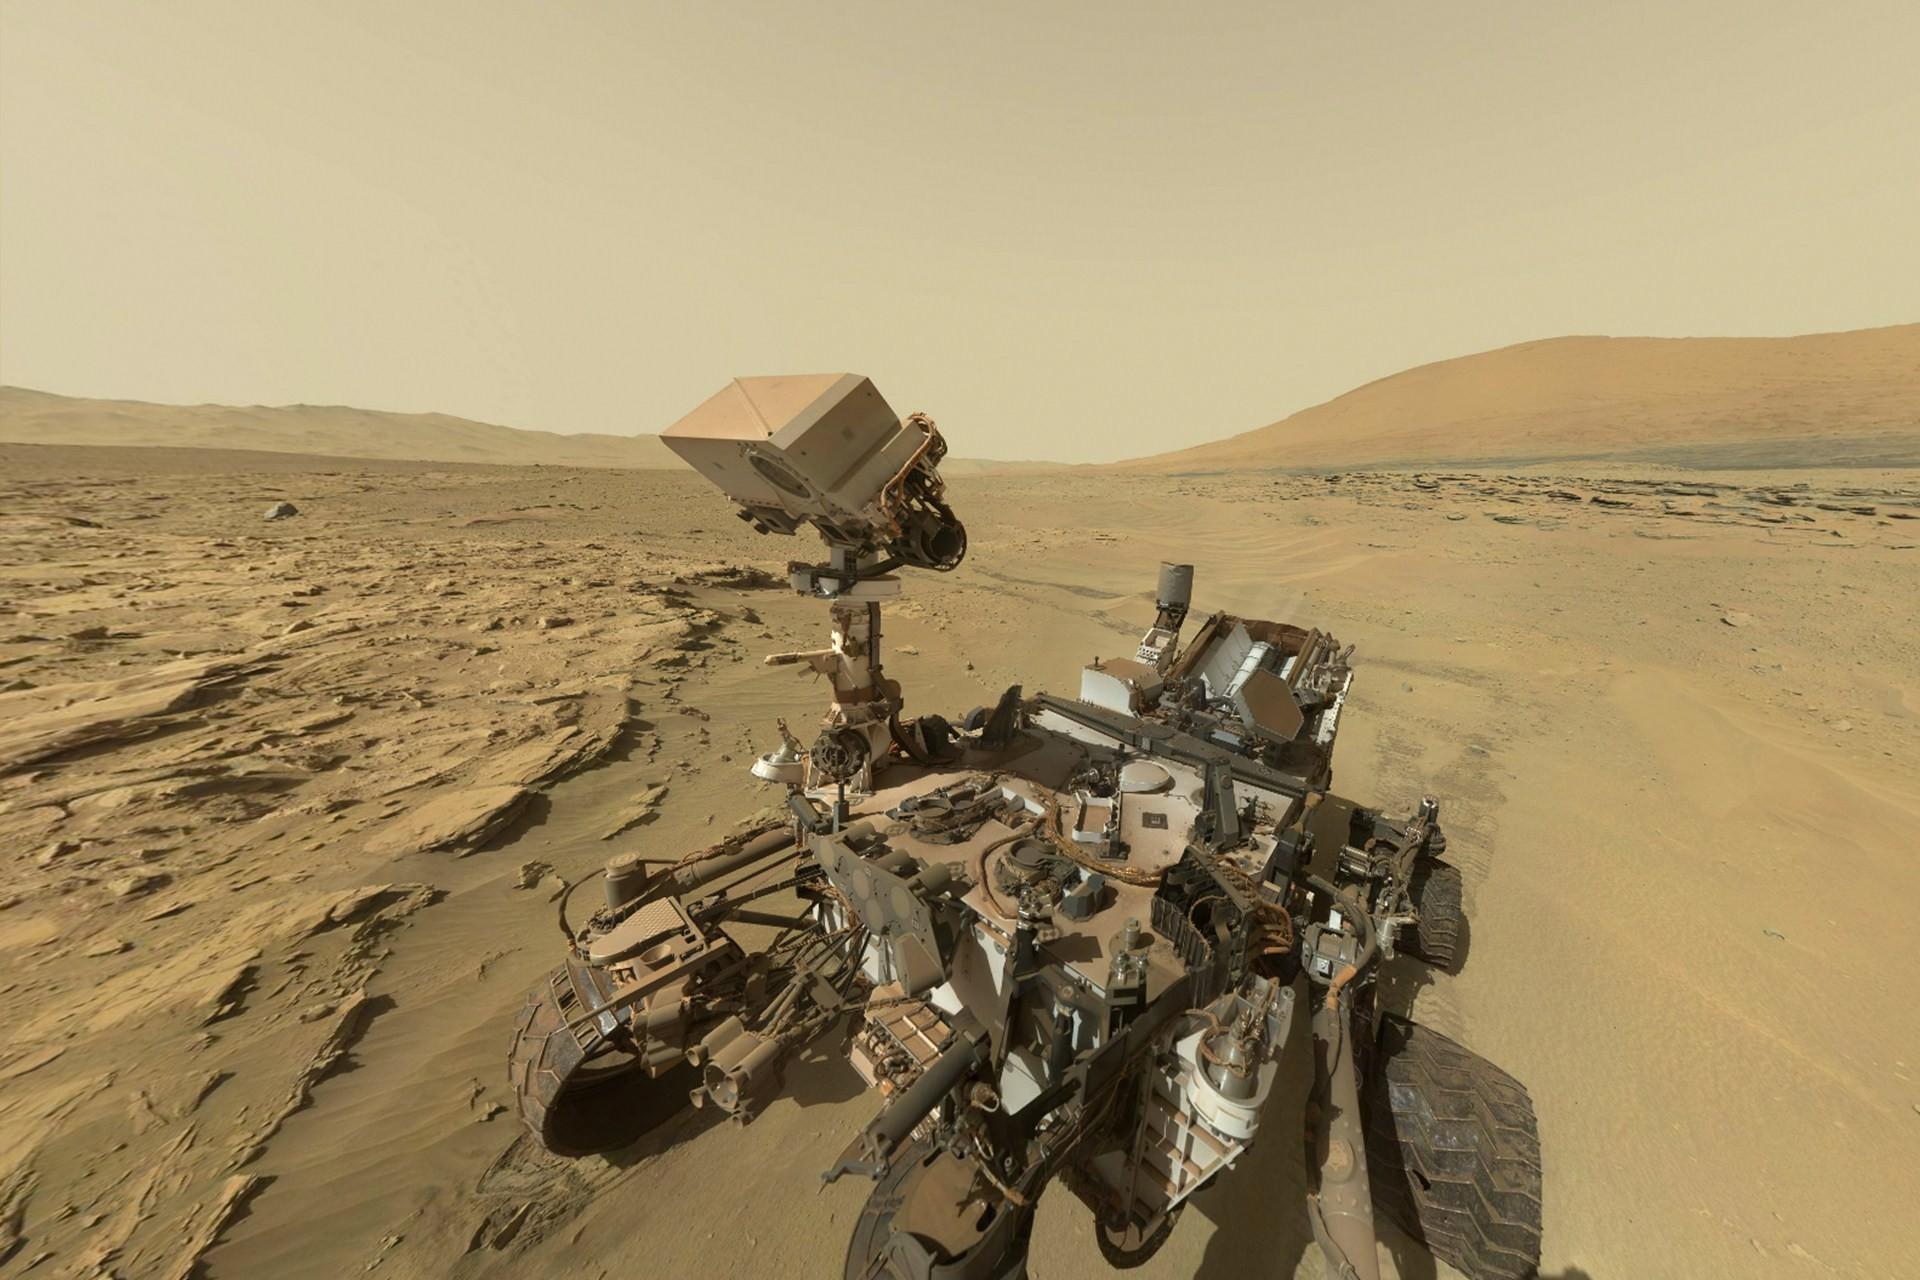 На поверхности Марса найден металлический метеорит неизвестного происхождения